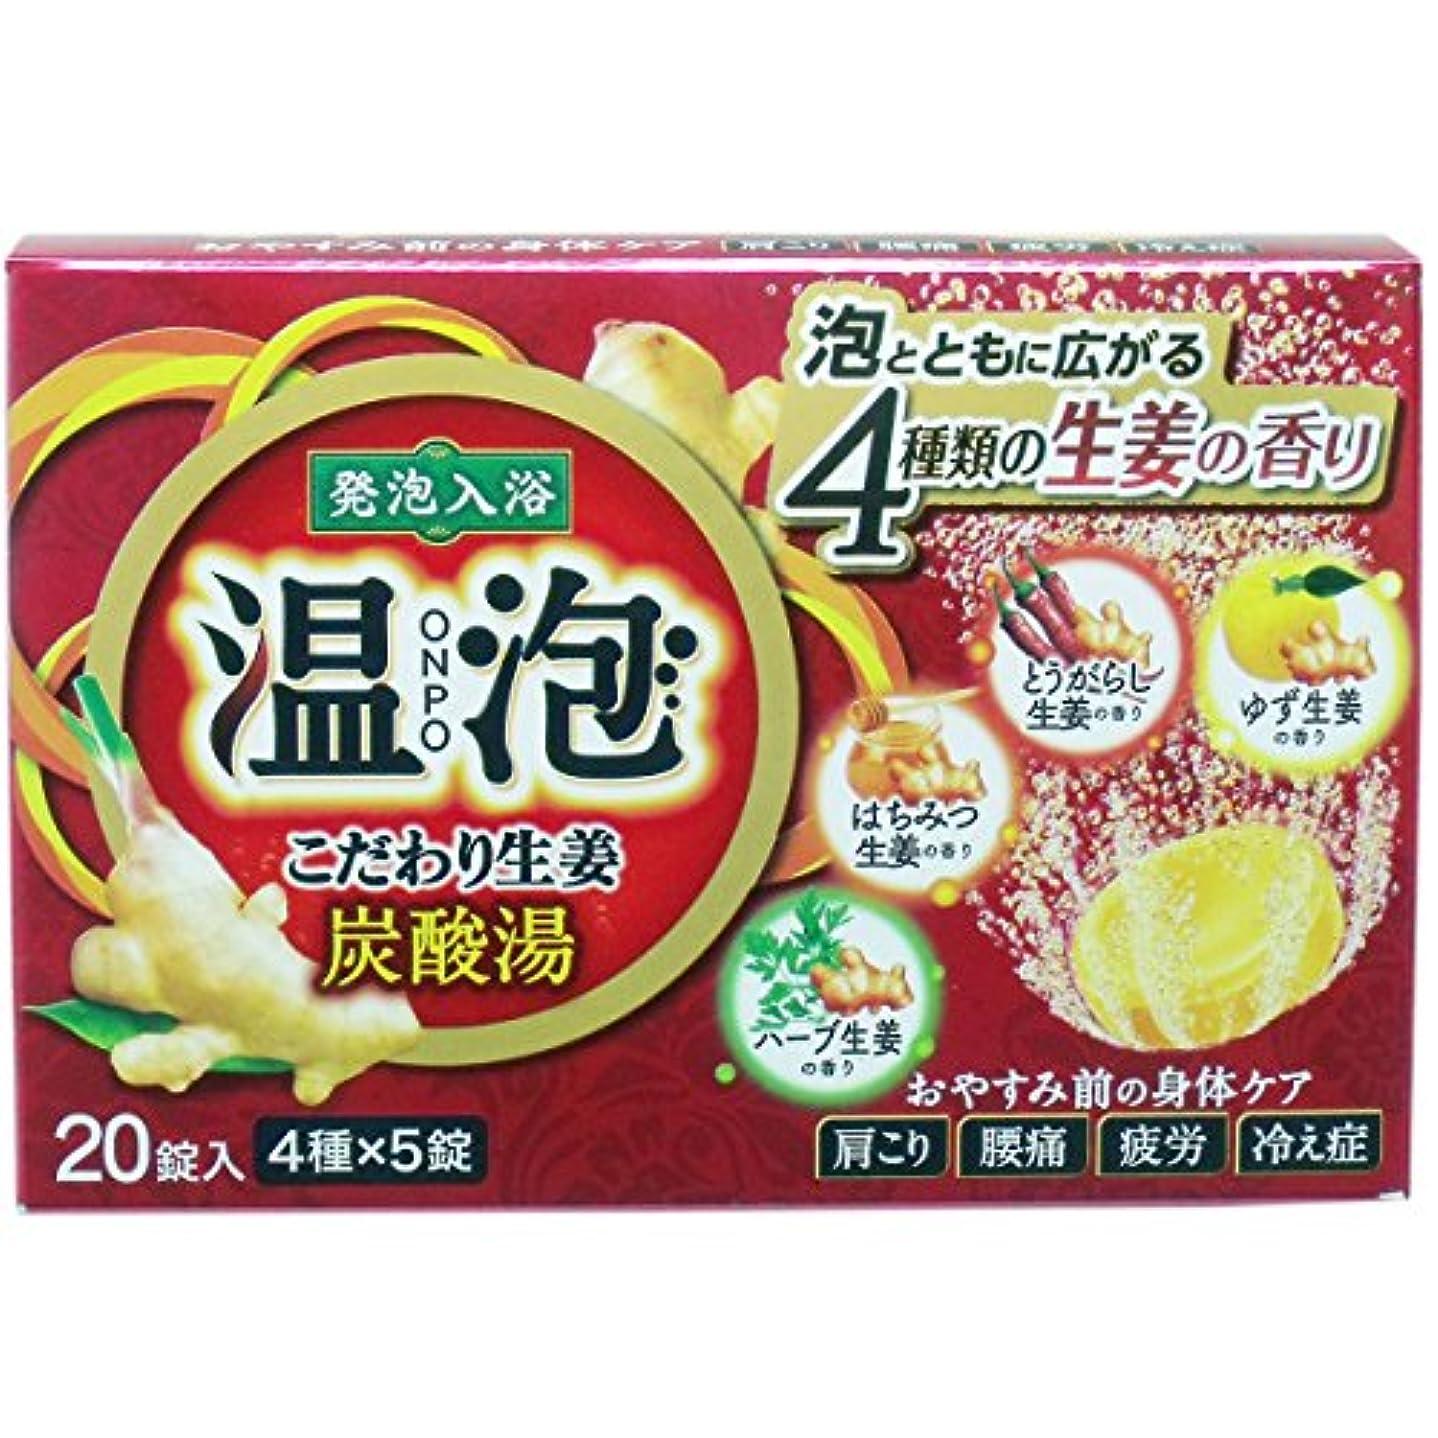 温泡 こだわり生姜 炭酸湯 × 3個セット